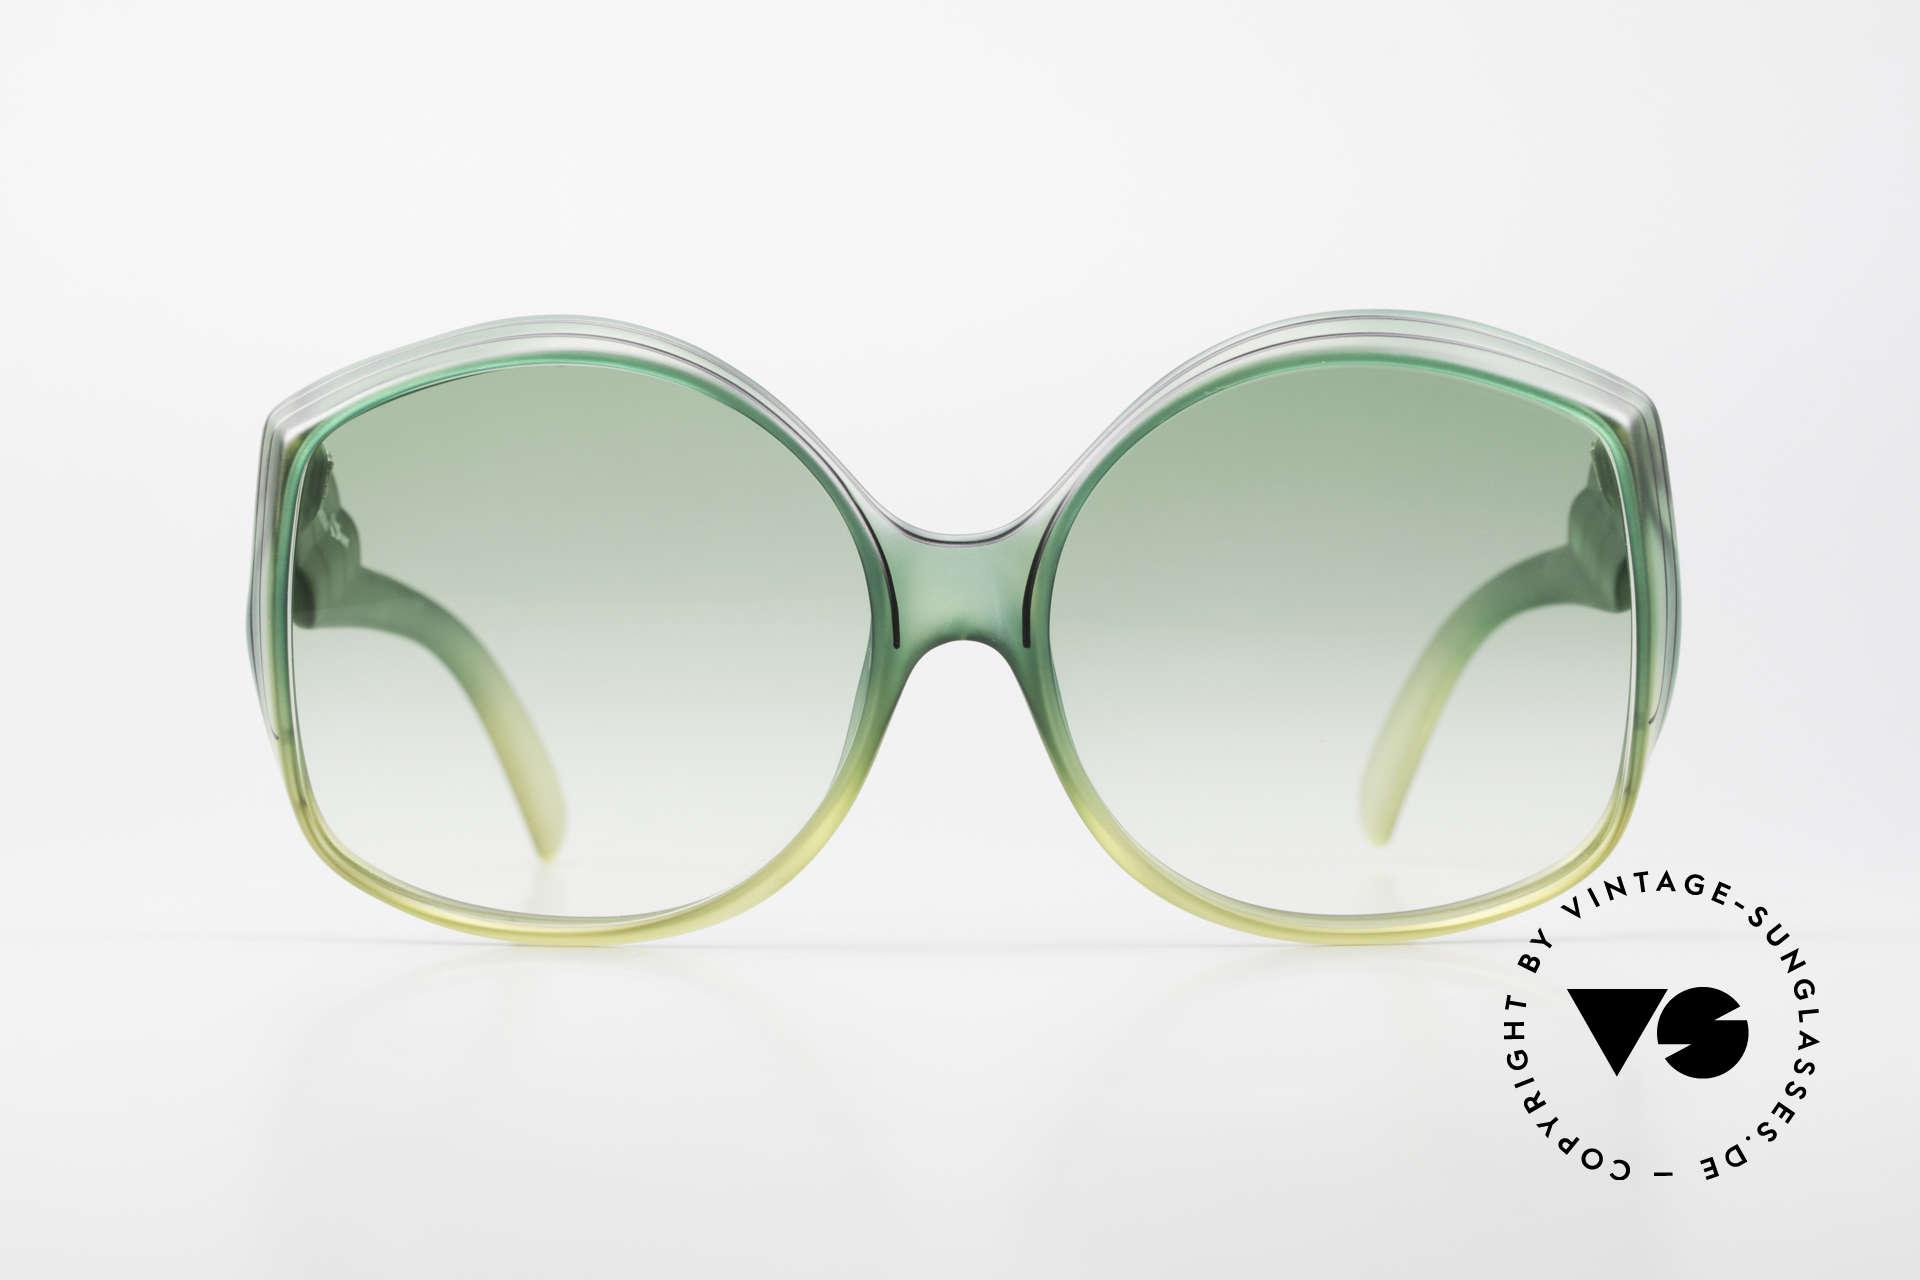 Christian Dior 2041 XXL 70er Damen Sonnenbrille, eines der ersten Brillen-Modelle von Dior überhaupt, Passend für Damen